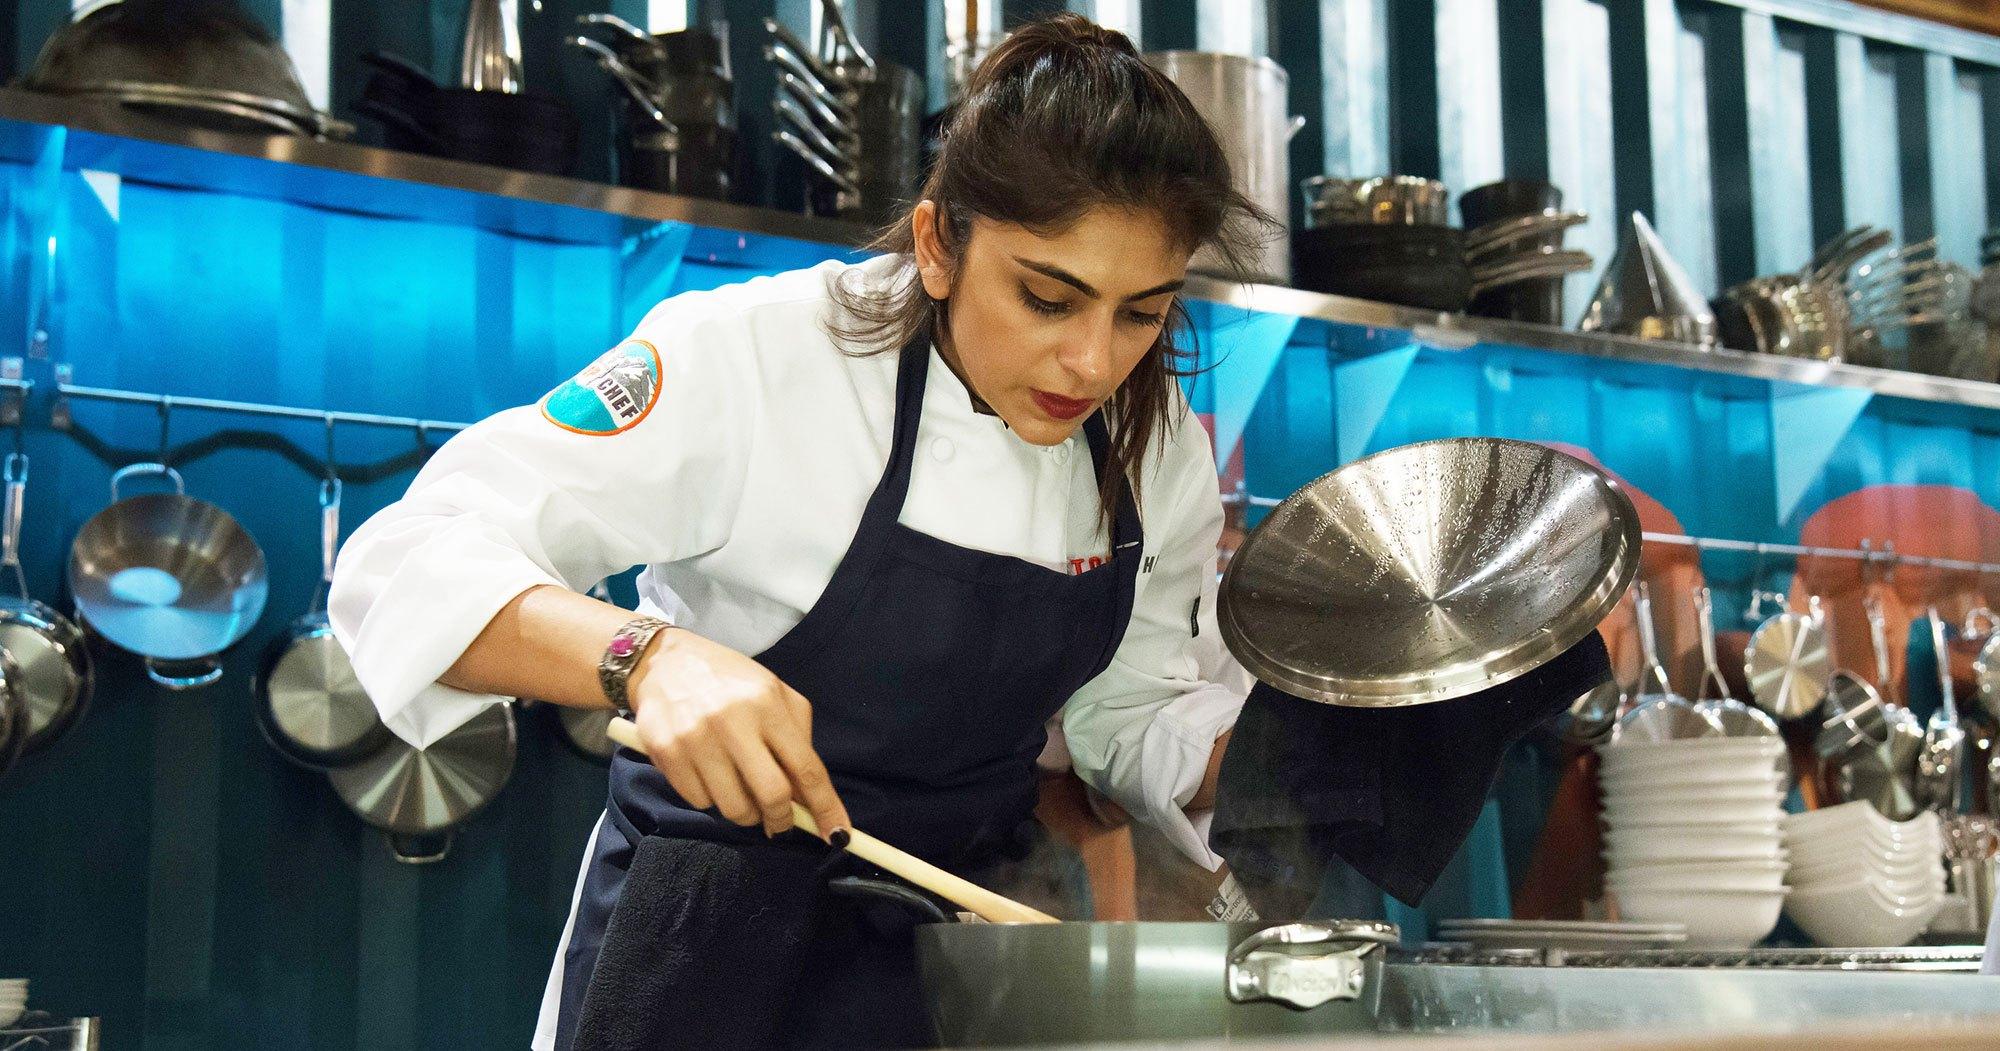 Top Chef: Top Chef's Fatima Ali Wasn't Prepared For Her 'Grim Prognosis